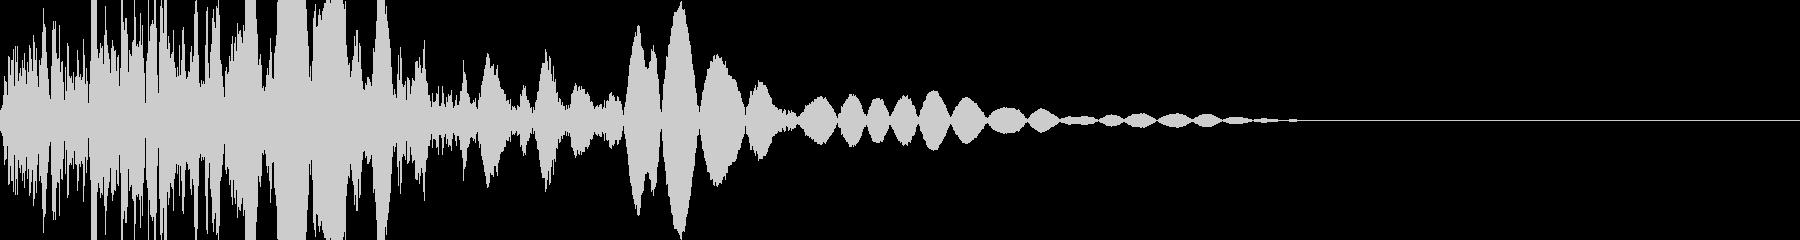 格闘ゲーム系 敵ガード時 攻撃音の未再生の波形